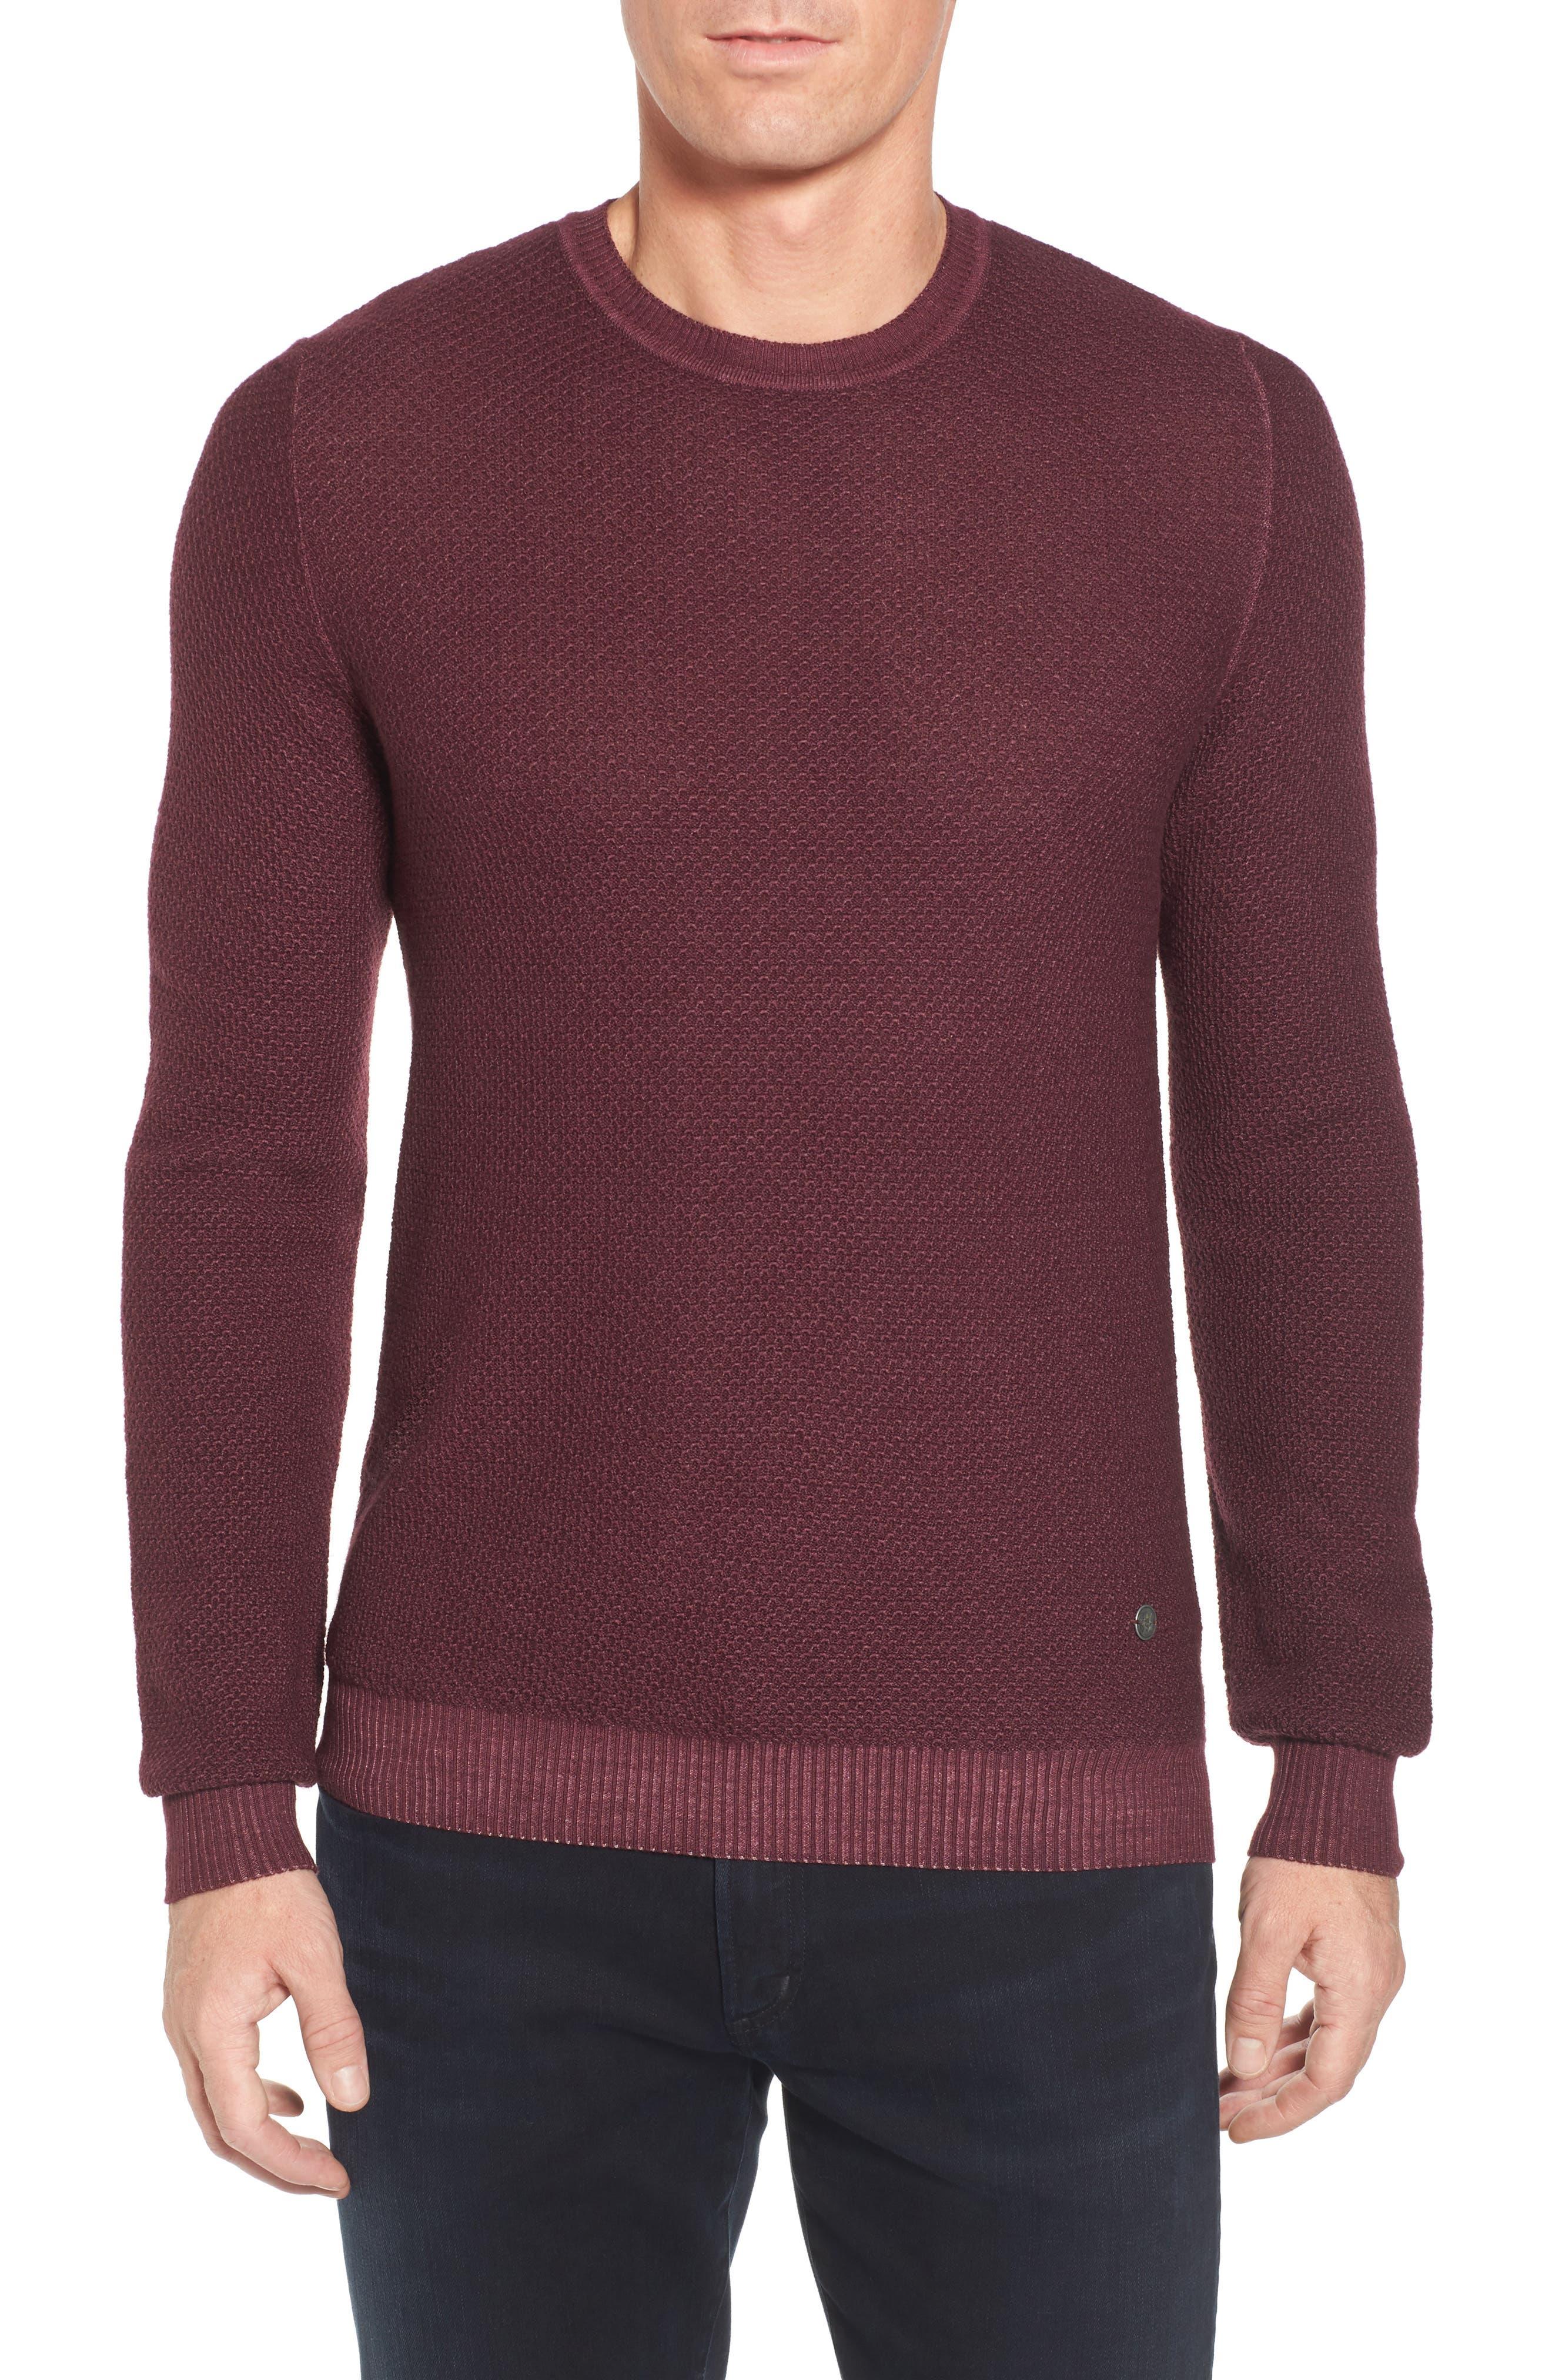 Main Image - Stone Rose Honeycomb Merino Crewneck Sweater